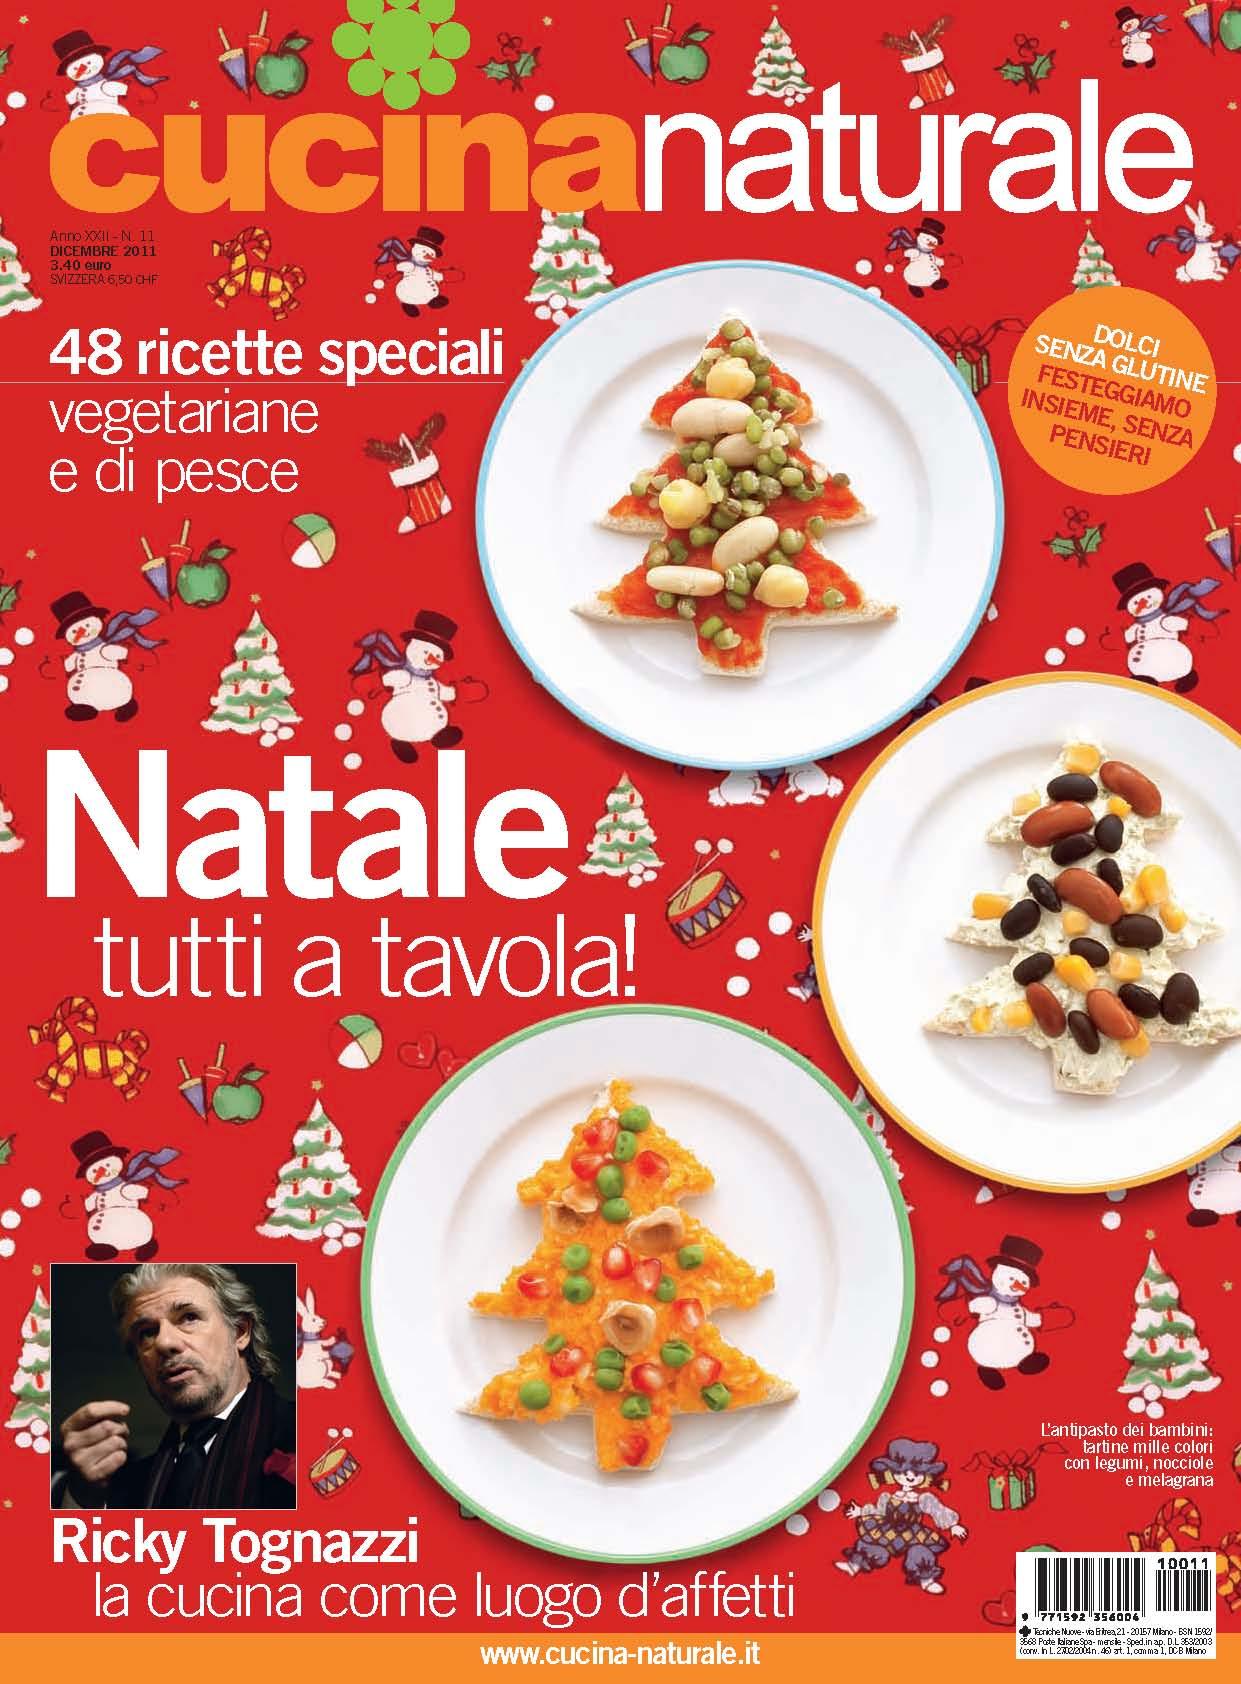 Cucina Naturale di dicembre: Natale tutti a tavola! - Cucina Naturale